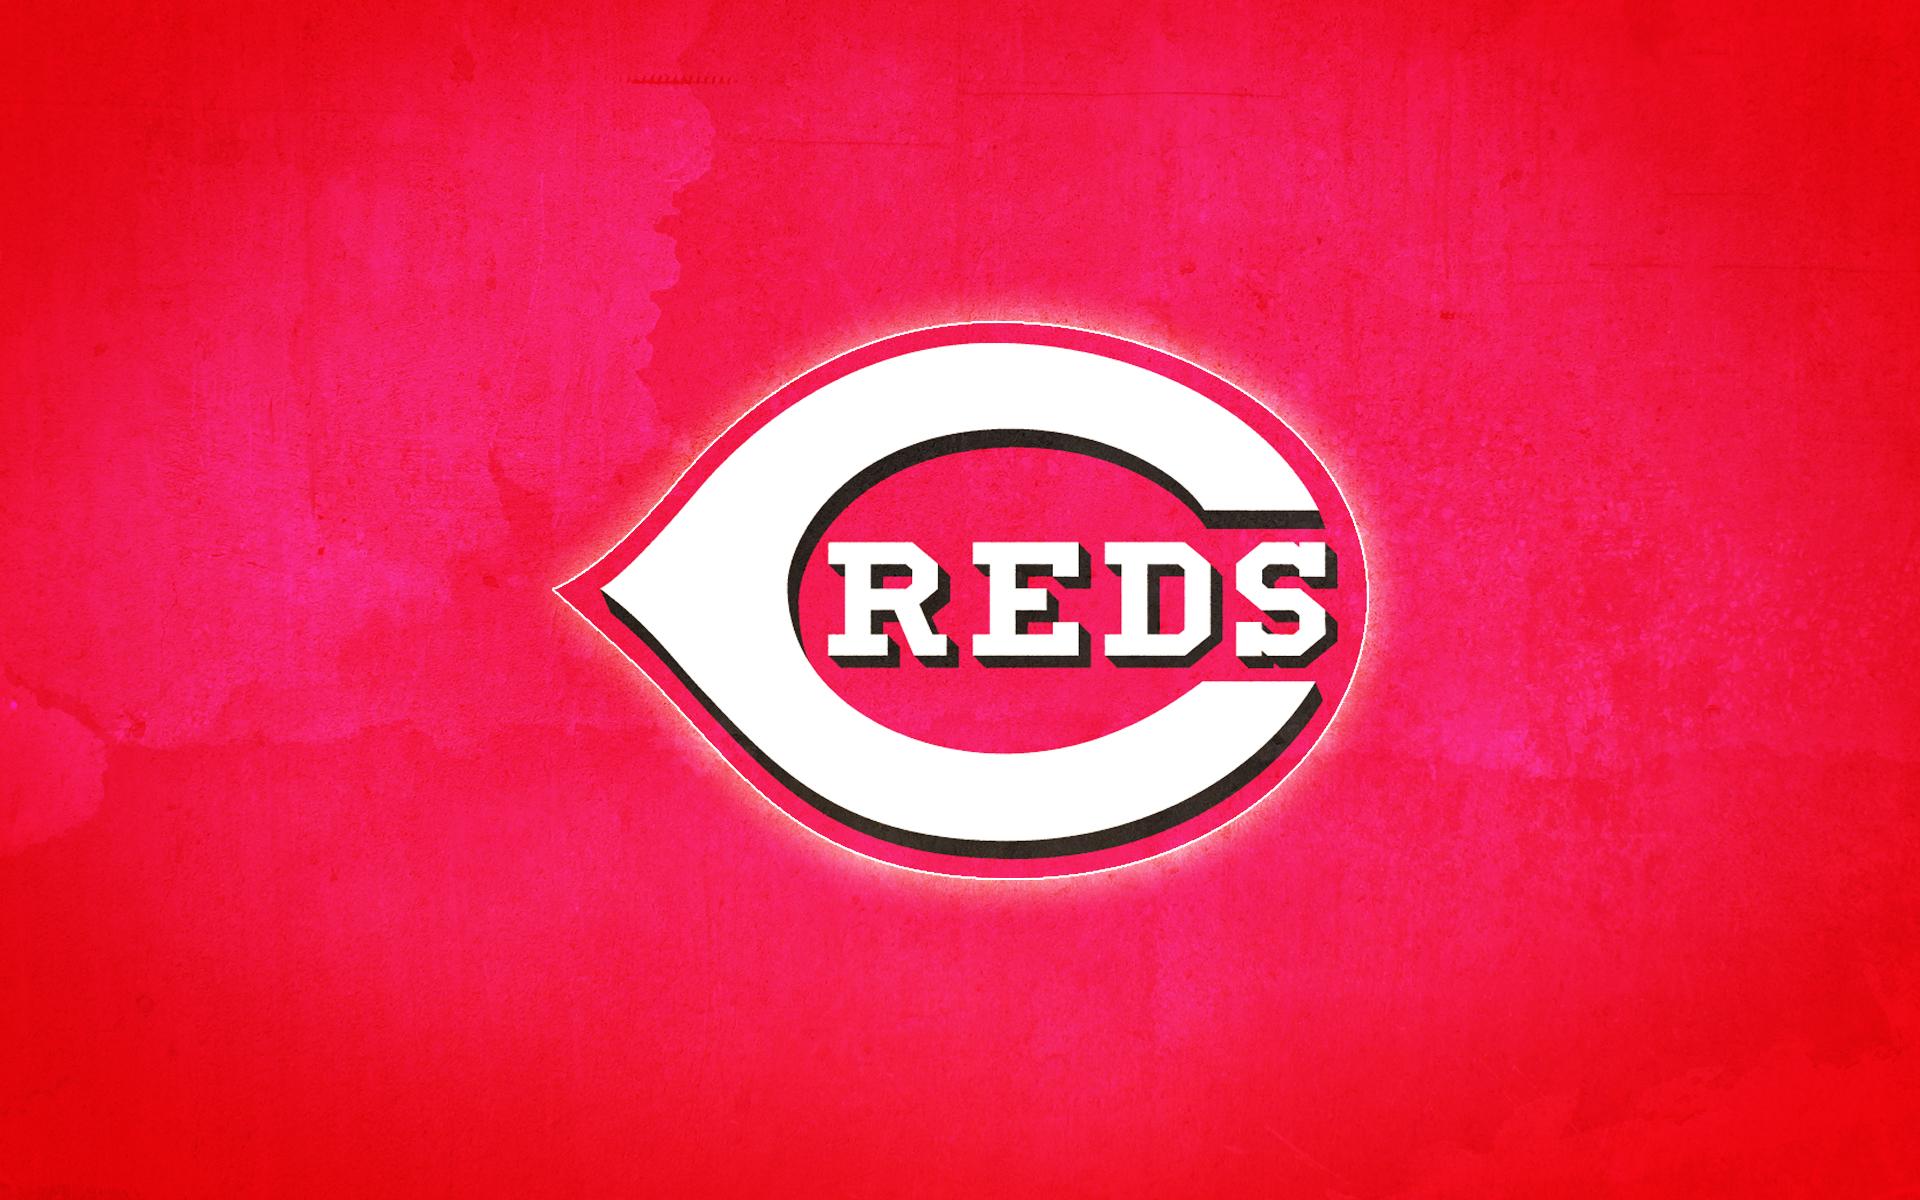 Pin Cincinnati Reds Desktop Wallpaper Collection Sports Geekery on 1920x1200